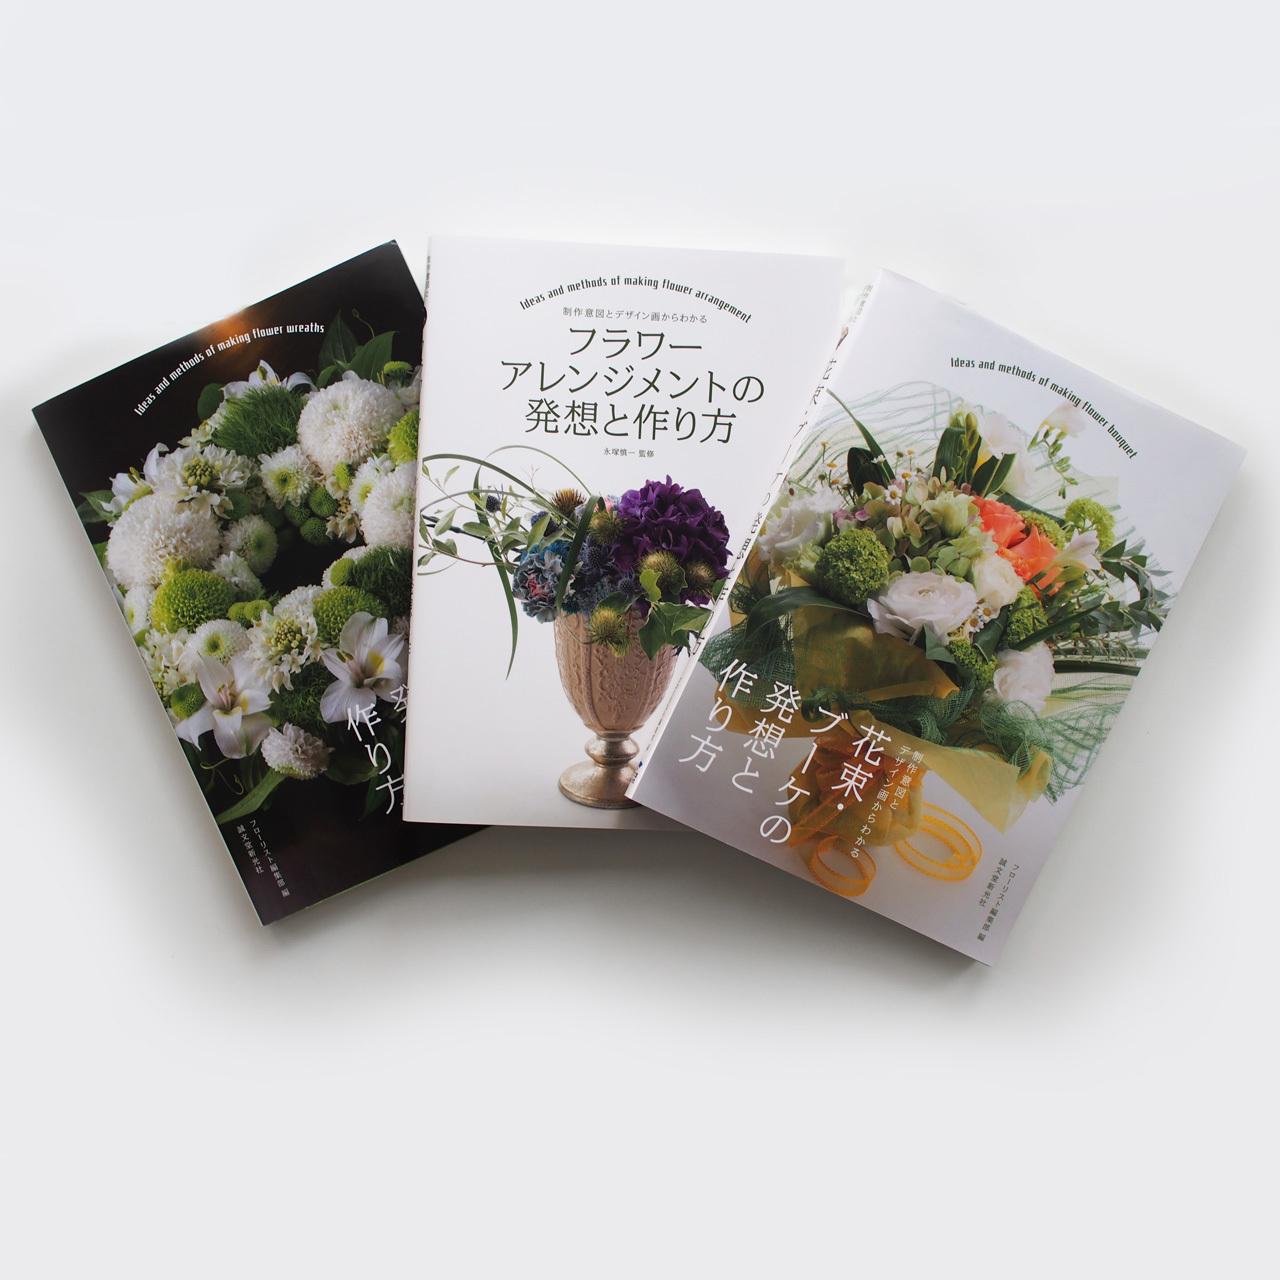 「制作意図とデザイン画からわかる 発想と作り方」 シリーズ3冊セット